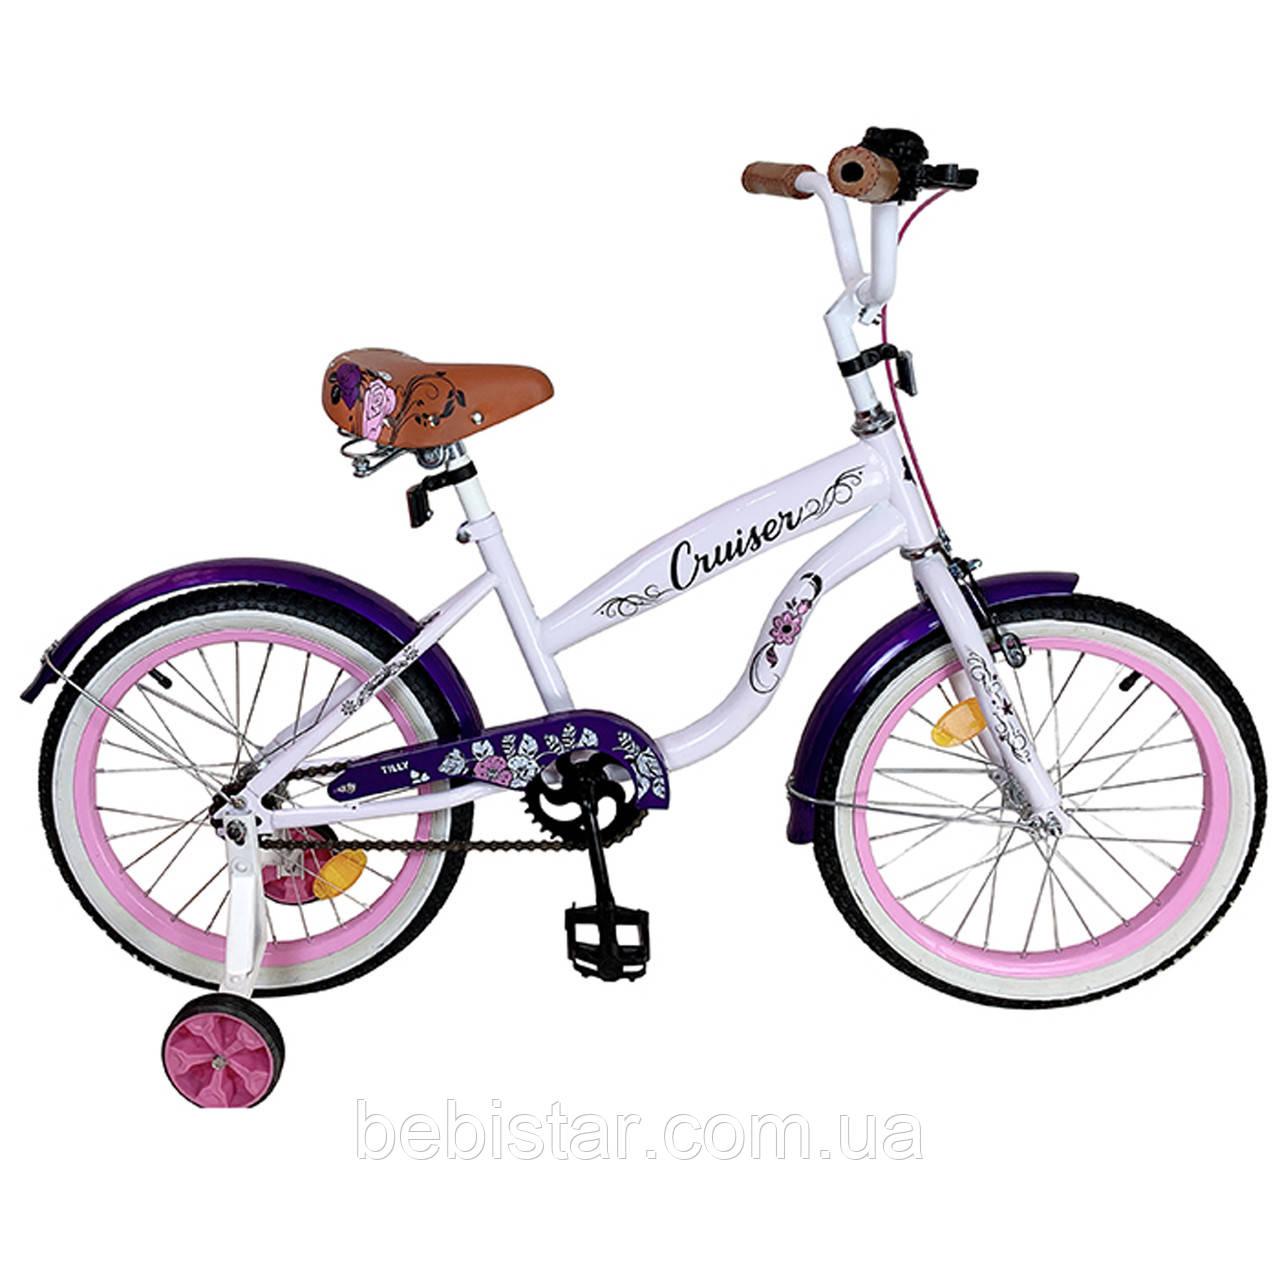 Детский двухколесный велосипед белый с фиолетовыми крыльями CRUISER 18 T-21835 purple для деток 5-7 лет